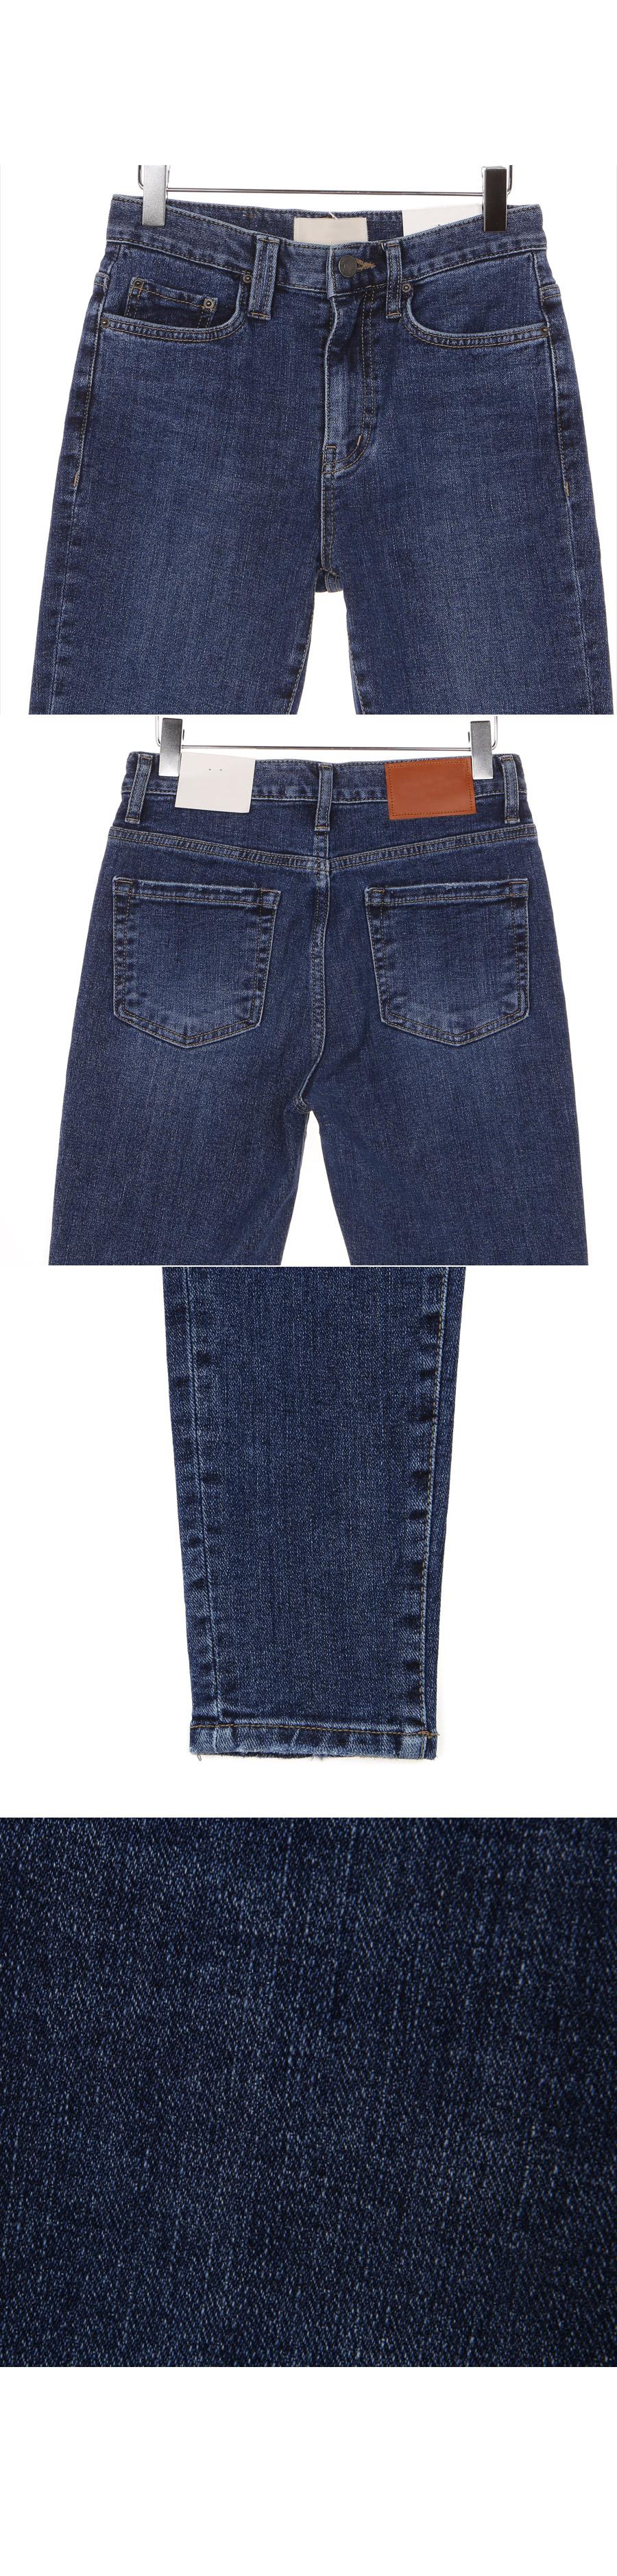 Deliven pants